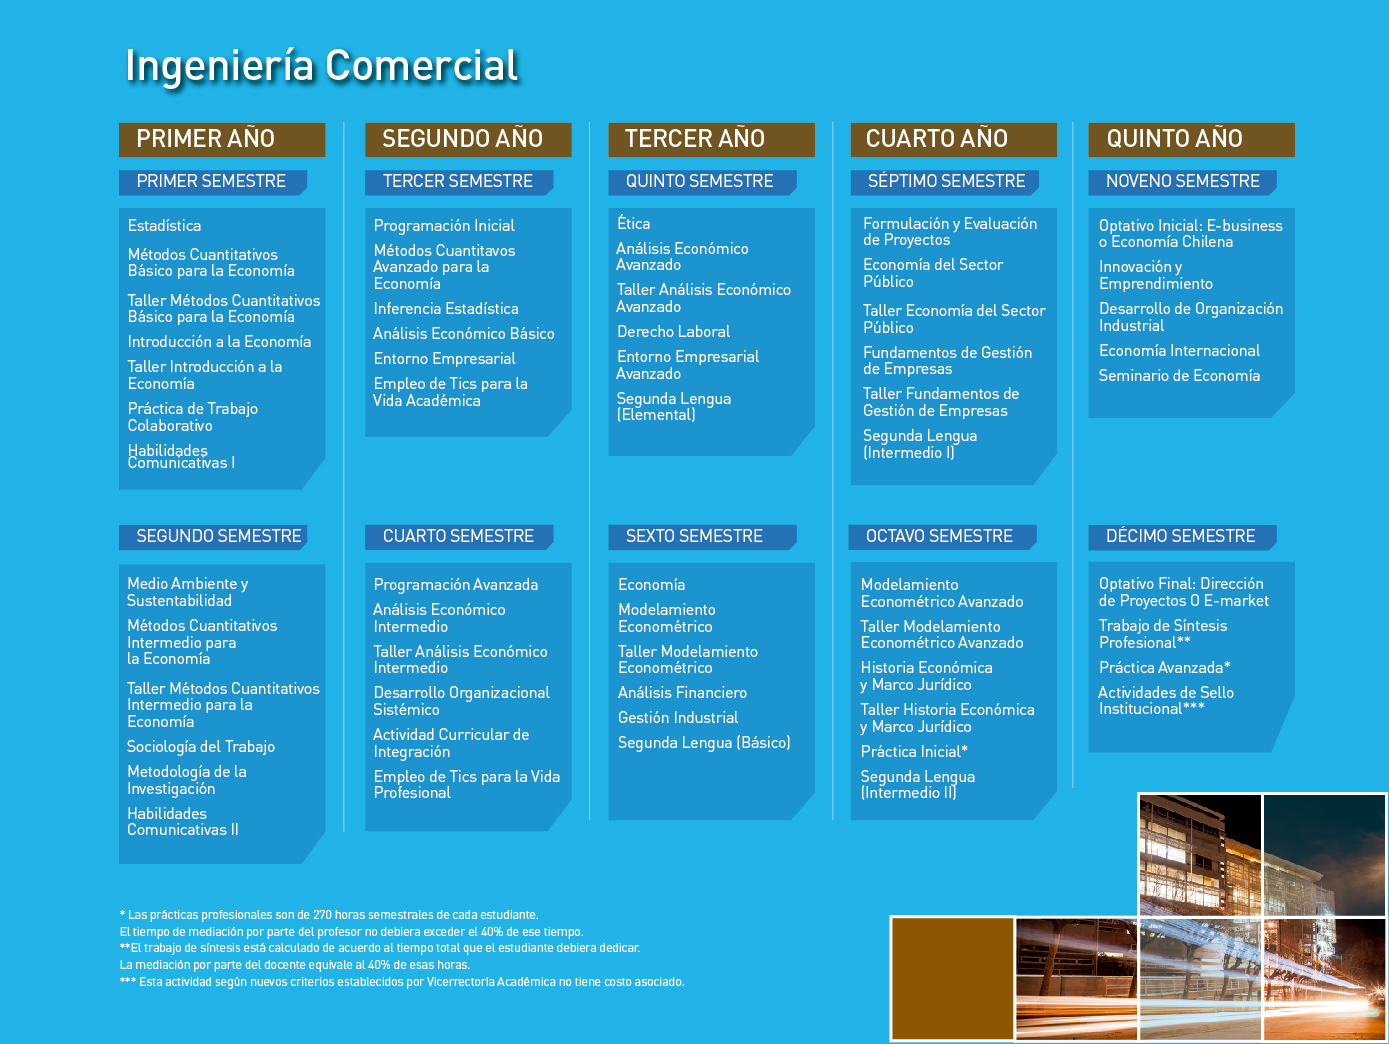 UPLA_malla-ingenieria-comercial